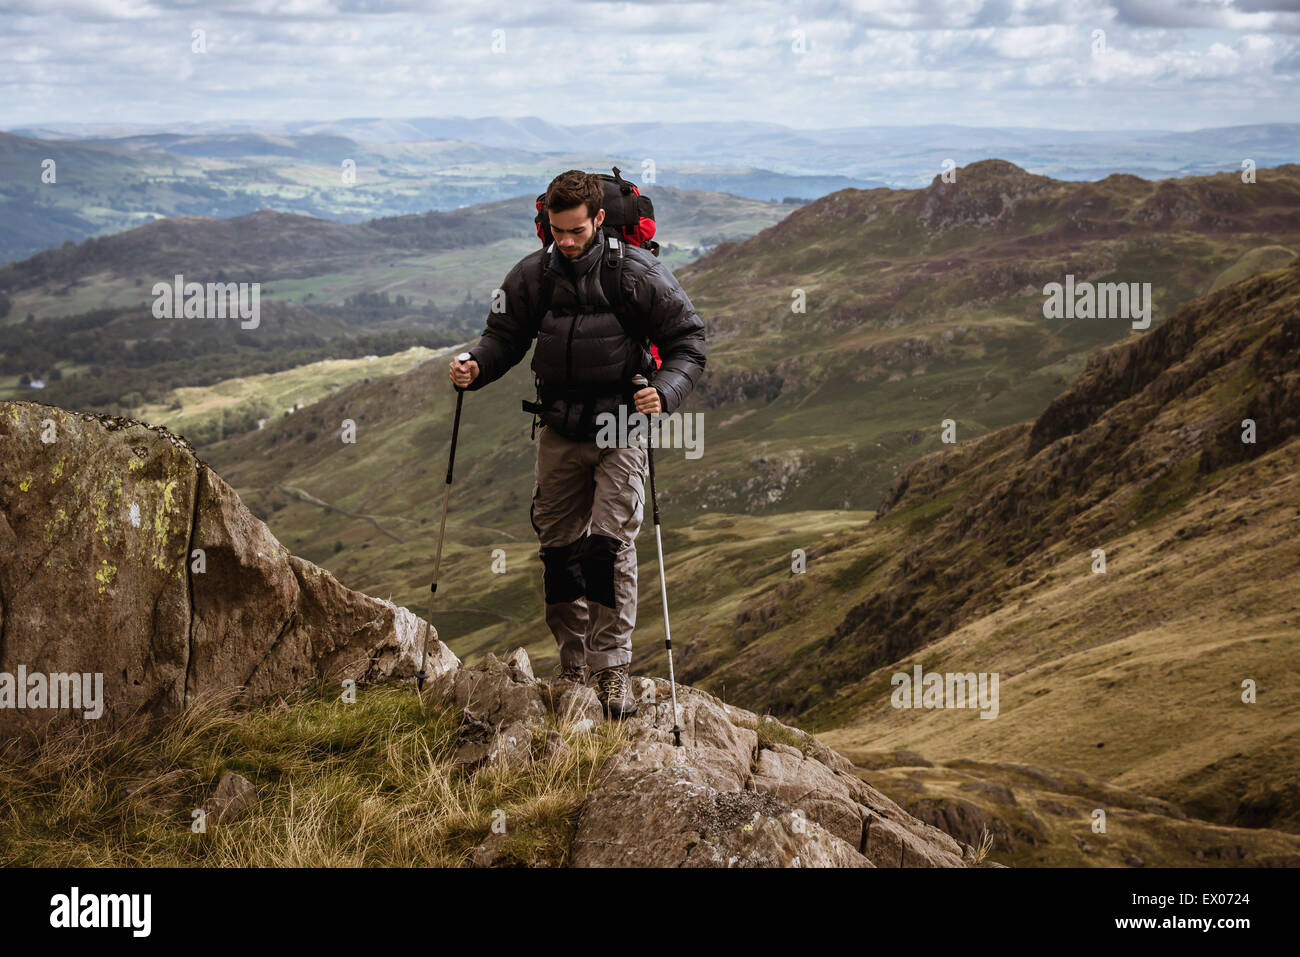 Macho joven excursionista sube, el distrito de los lagos de montaña, Cumbria, Reino Unido Imagen De Stock